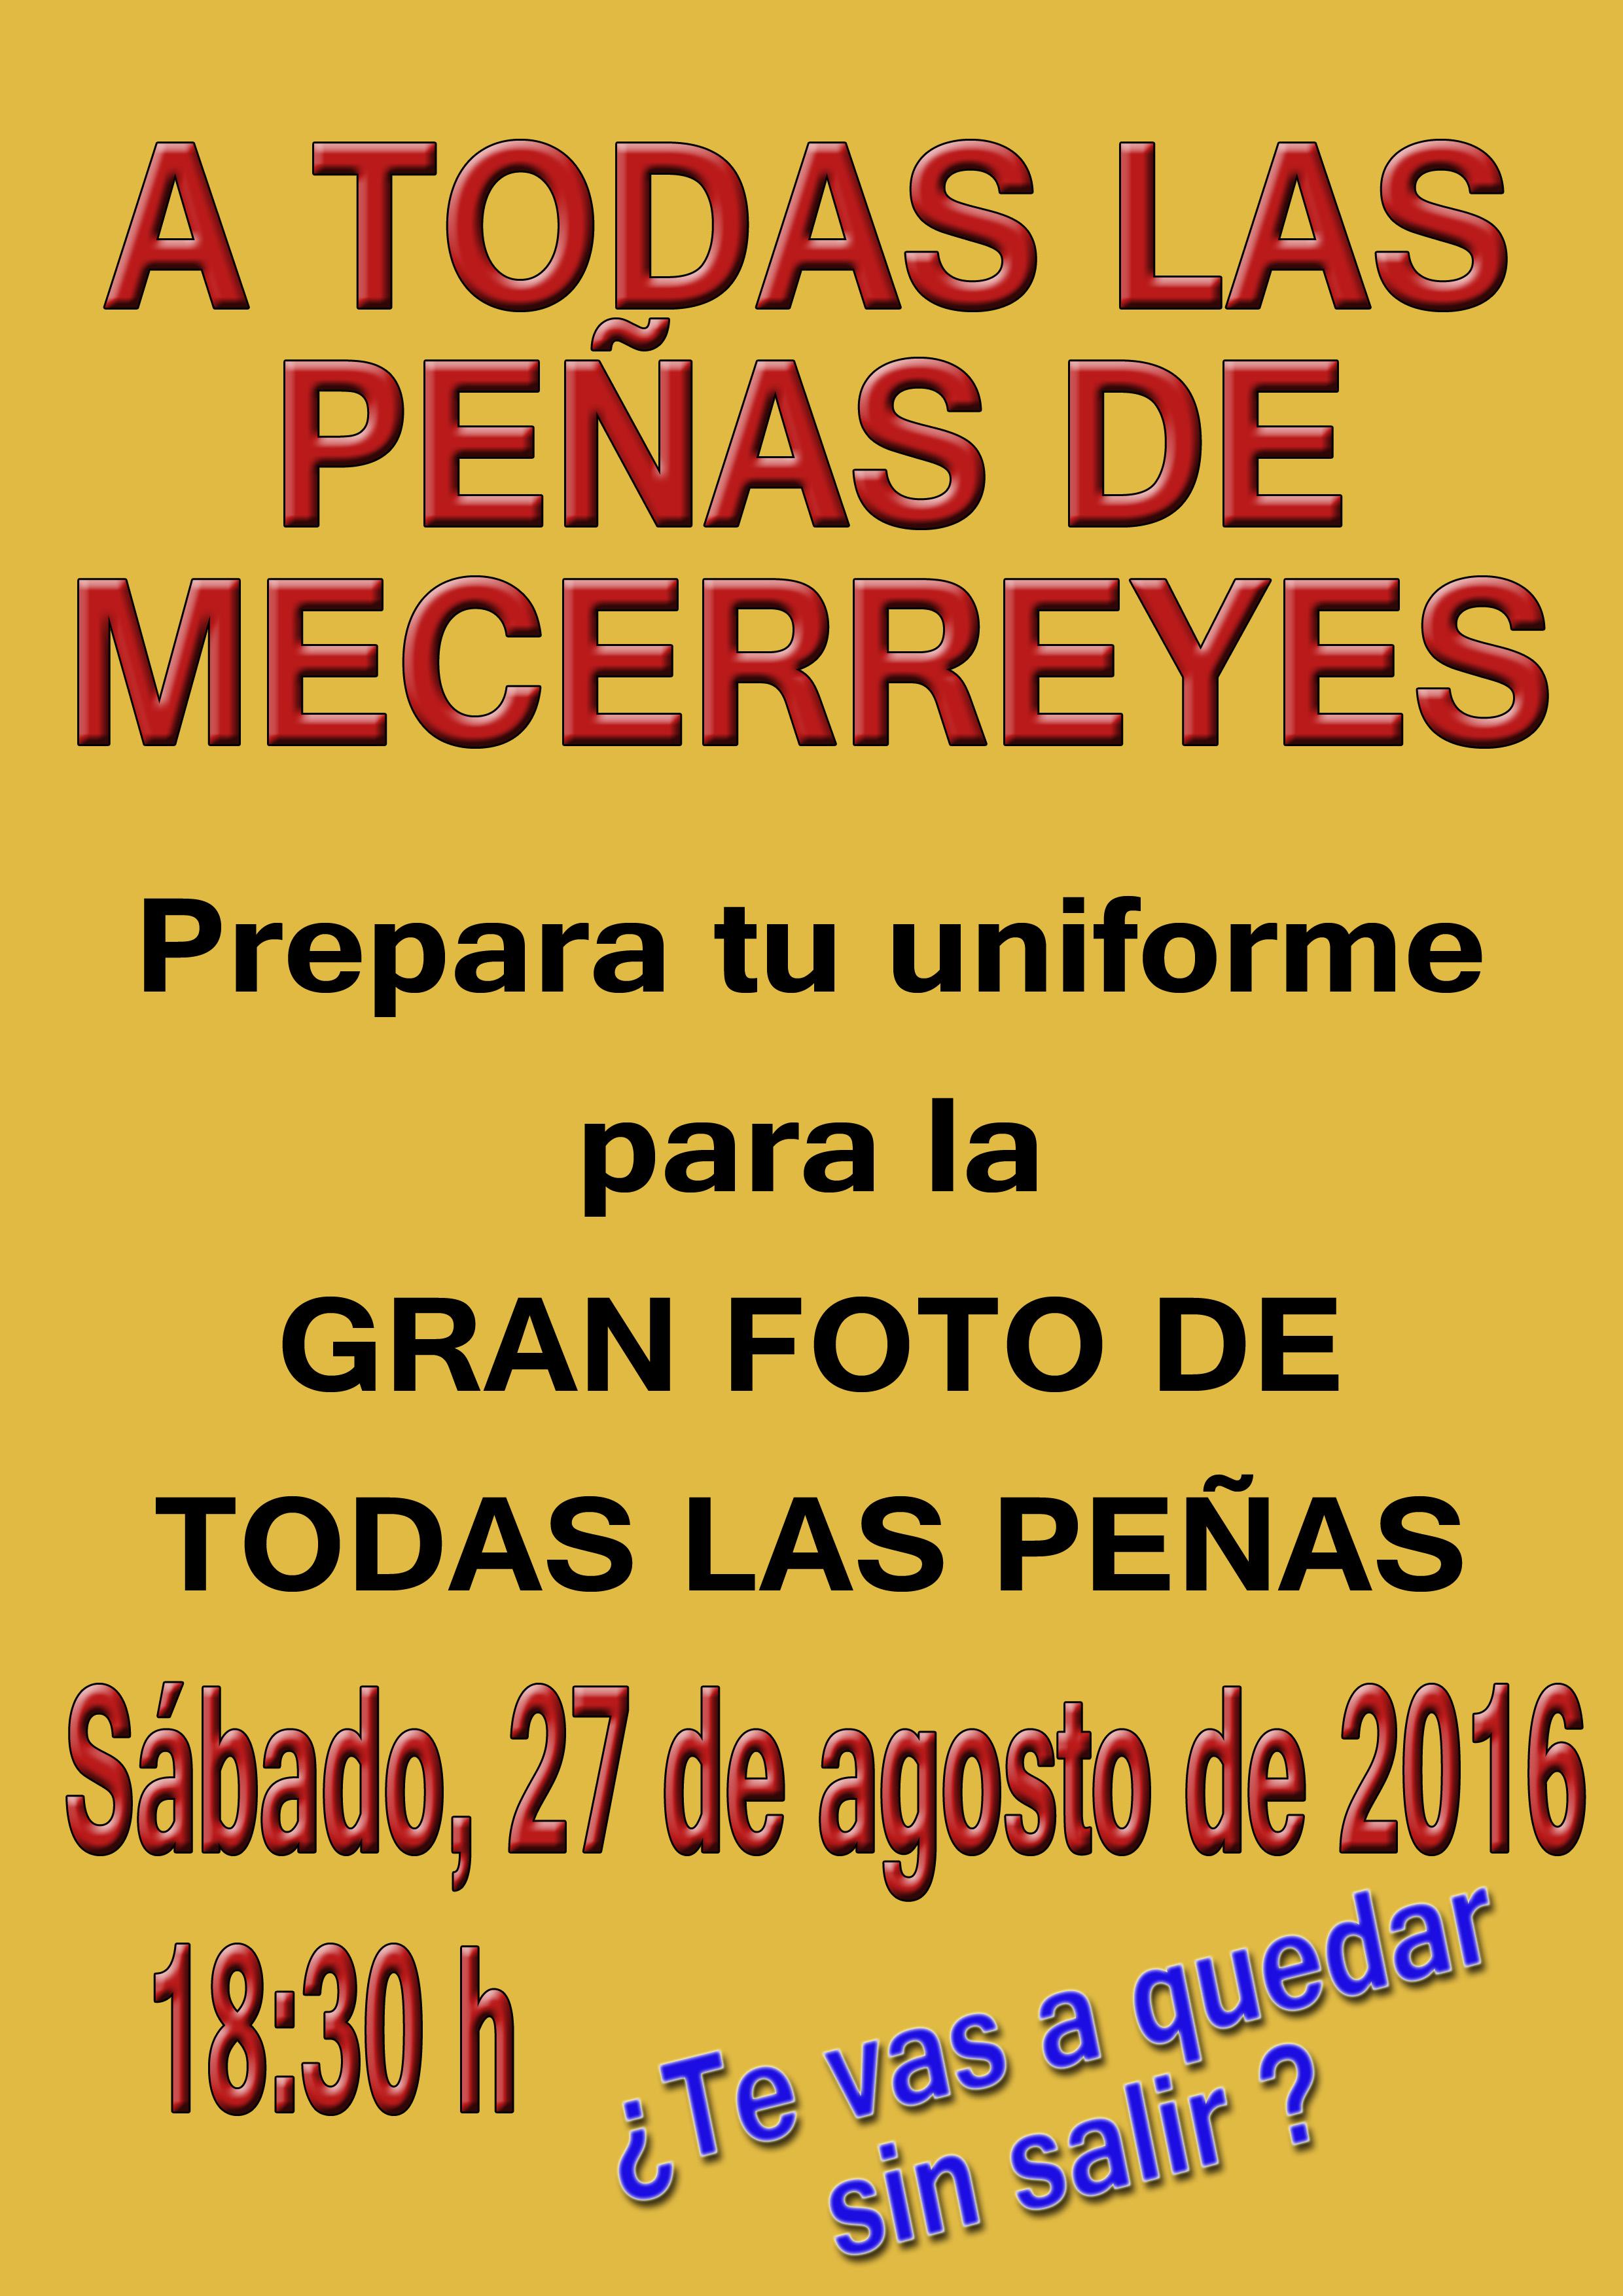 Foto Peñas, 27-08-16